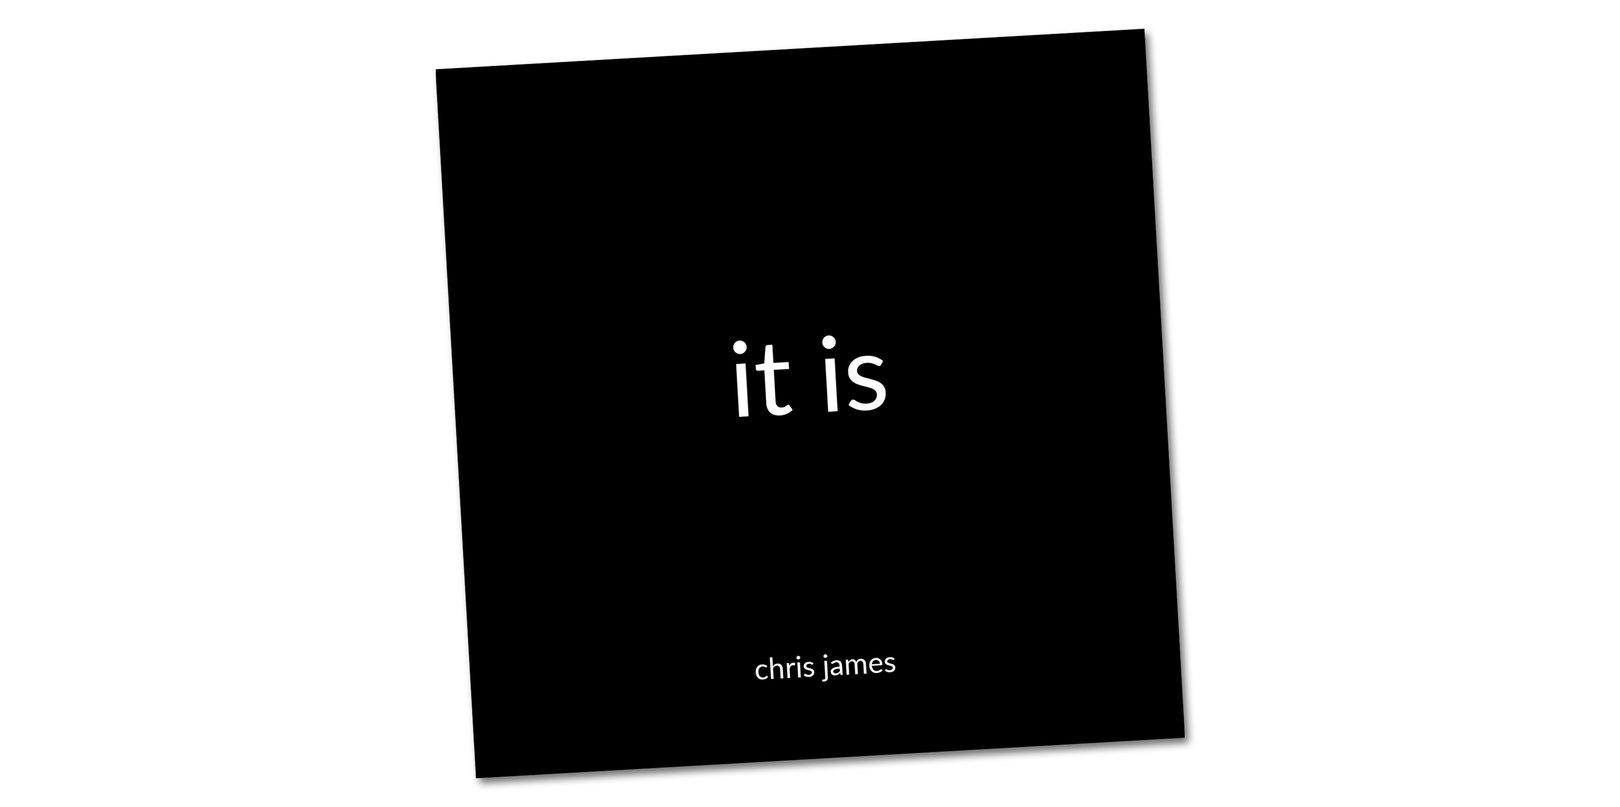 Chris James – 'it is' album review